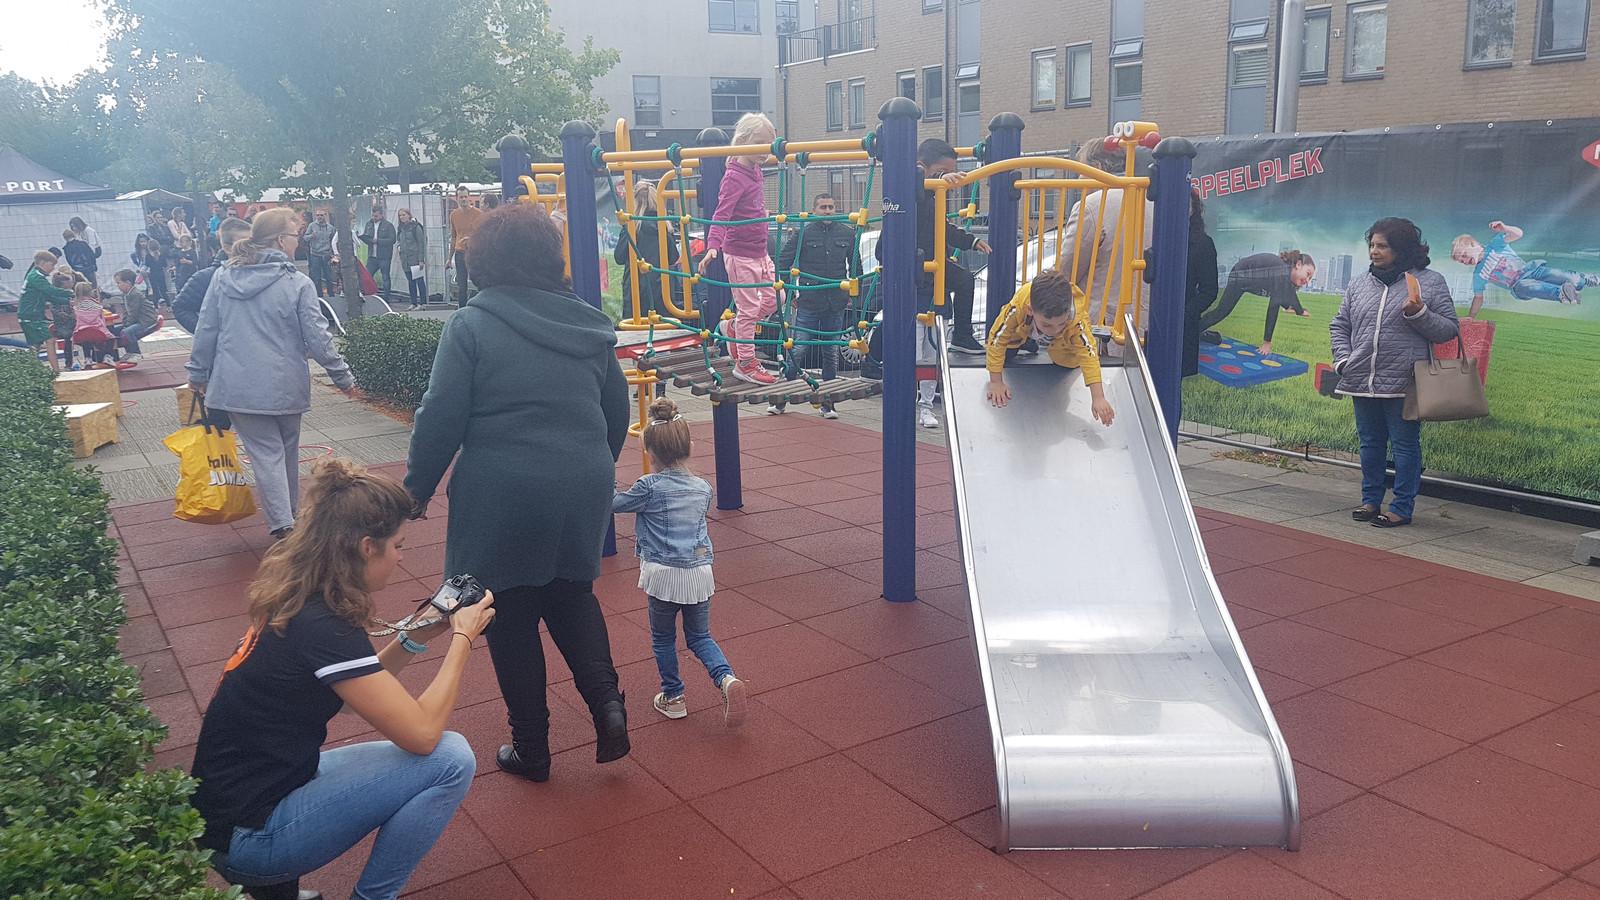 De kinderen leefden zich meteen uit na de opening van de tijdelijk speeltuin op het Manis Krijgsmanhof in Den Bosch.